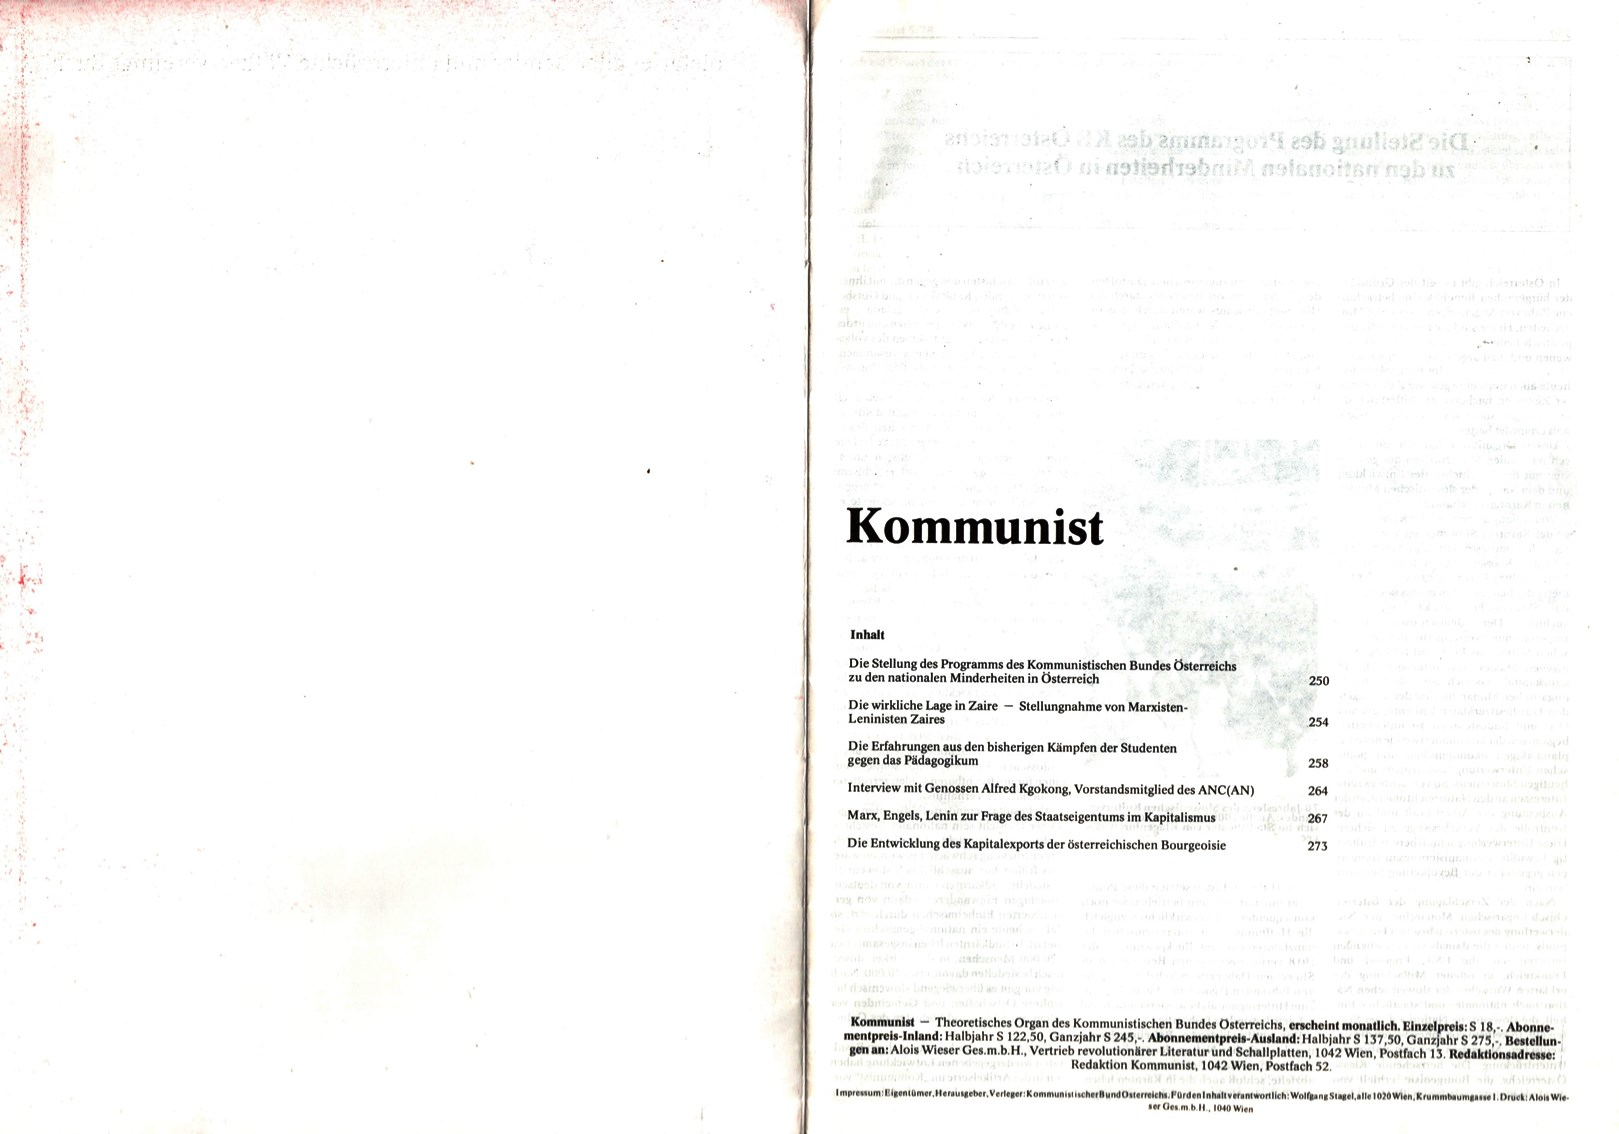 KBOe_TO_Kommunist_19780700_005_002